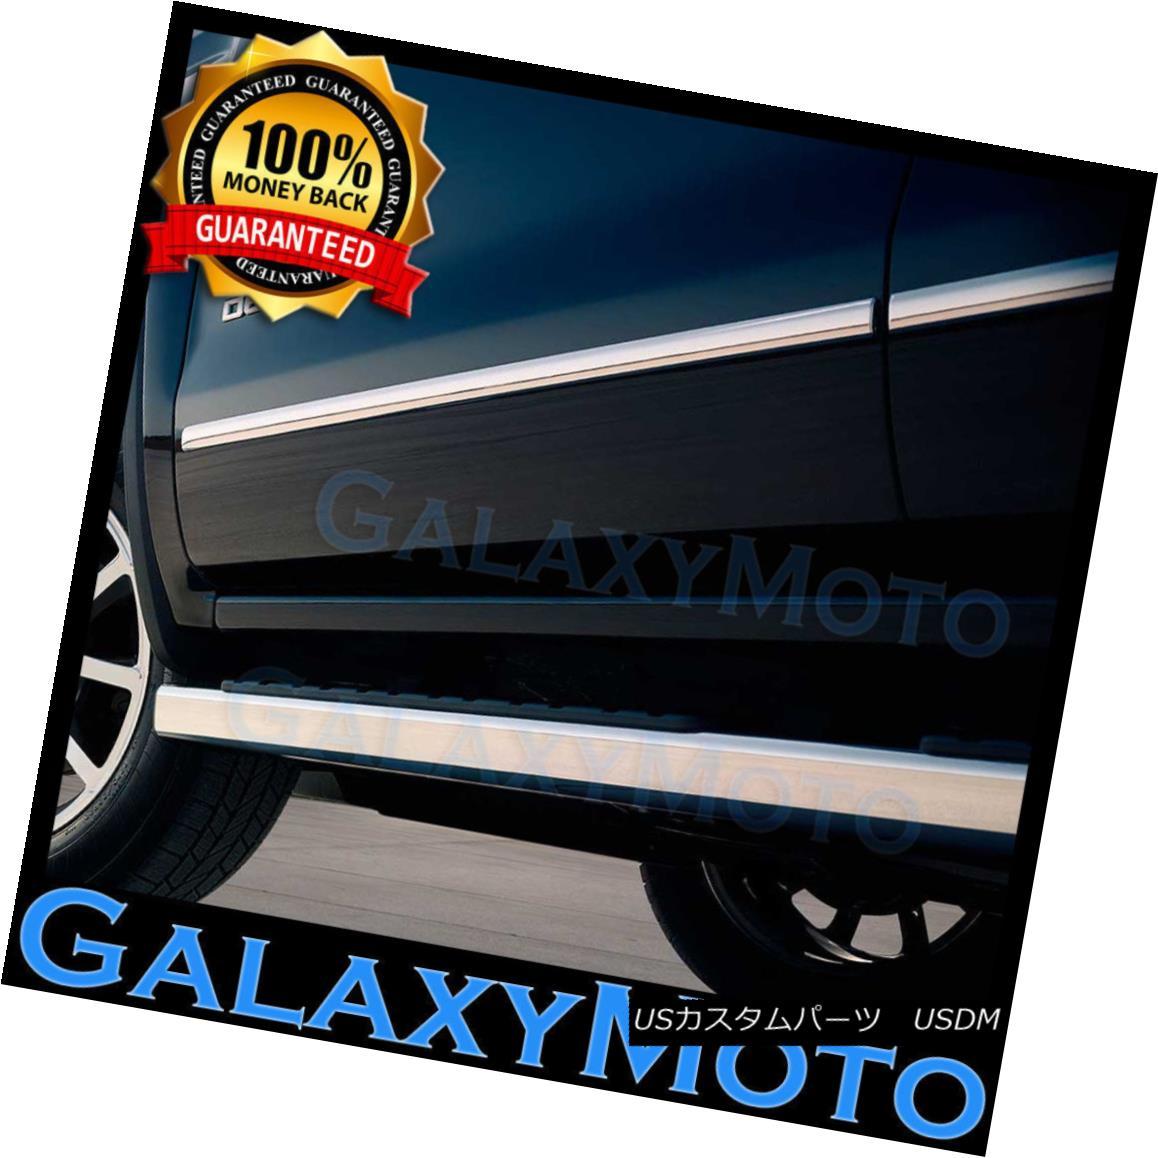 グリル 15-16 2015-2016 GMC Yukon SUV 4 Door Chrome Body Side Molding Front+Rear 4pcs 15-16 2015-2016 GMCユーコンSUV 4ドアクロームボディサイドモールディングフロント+リア4個